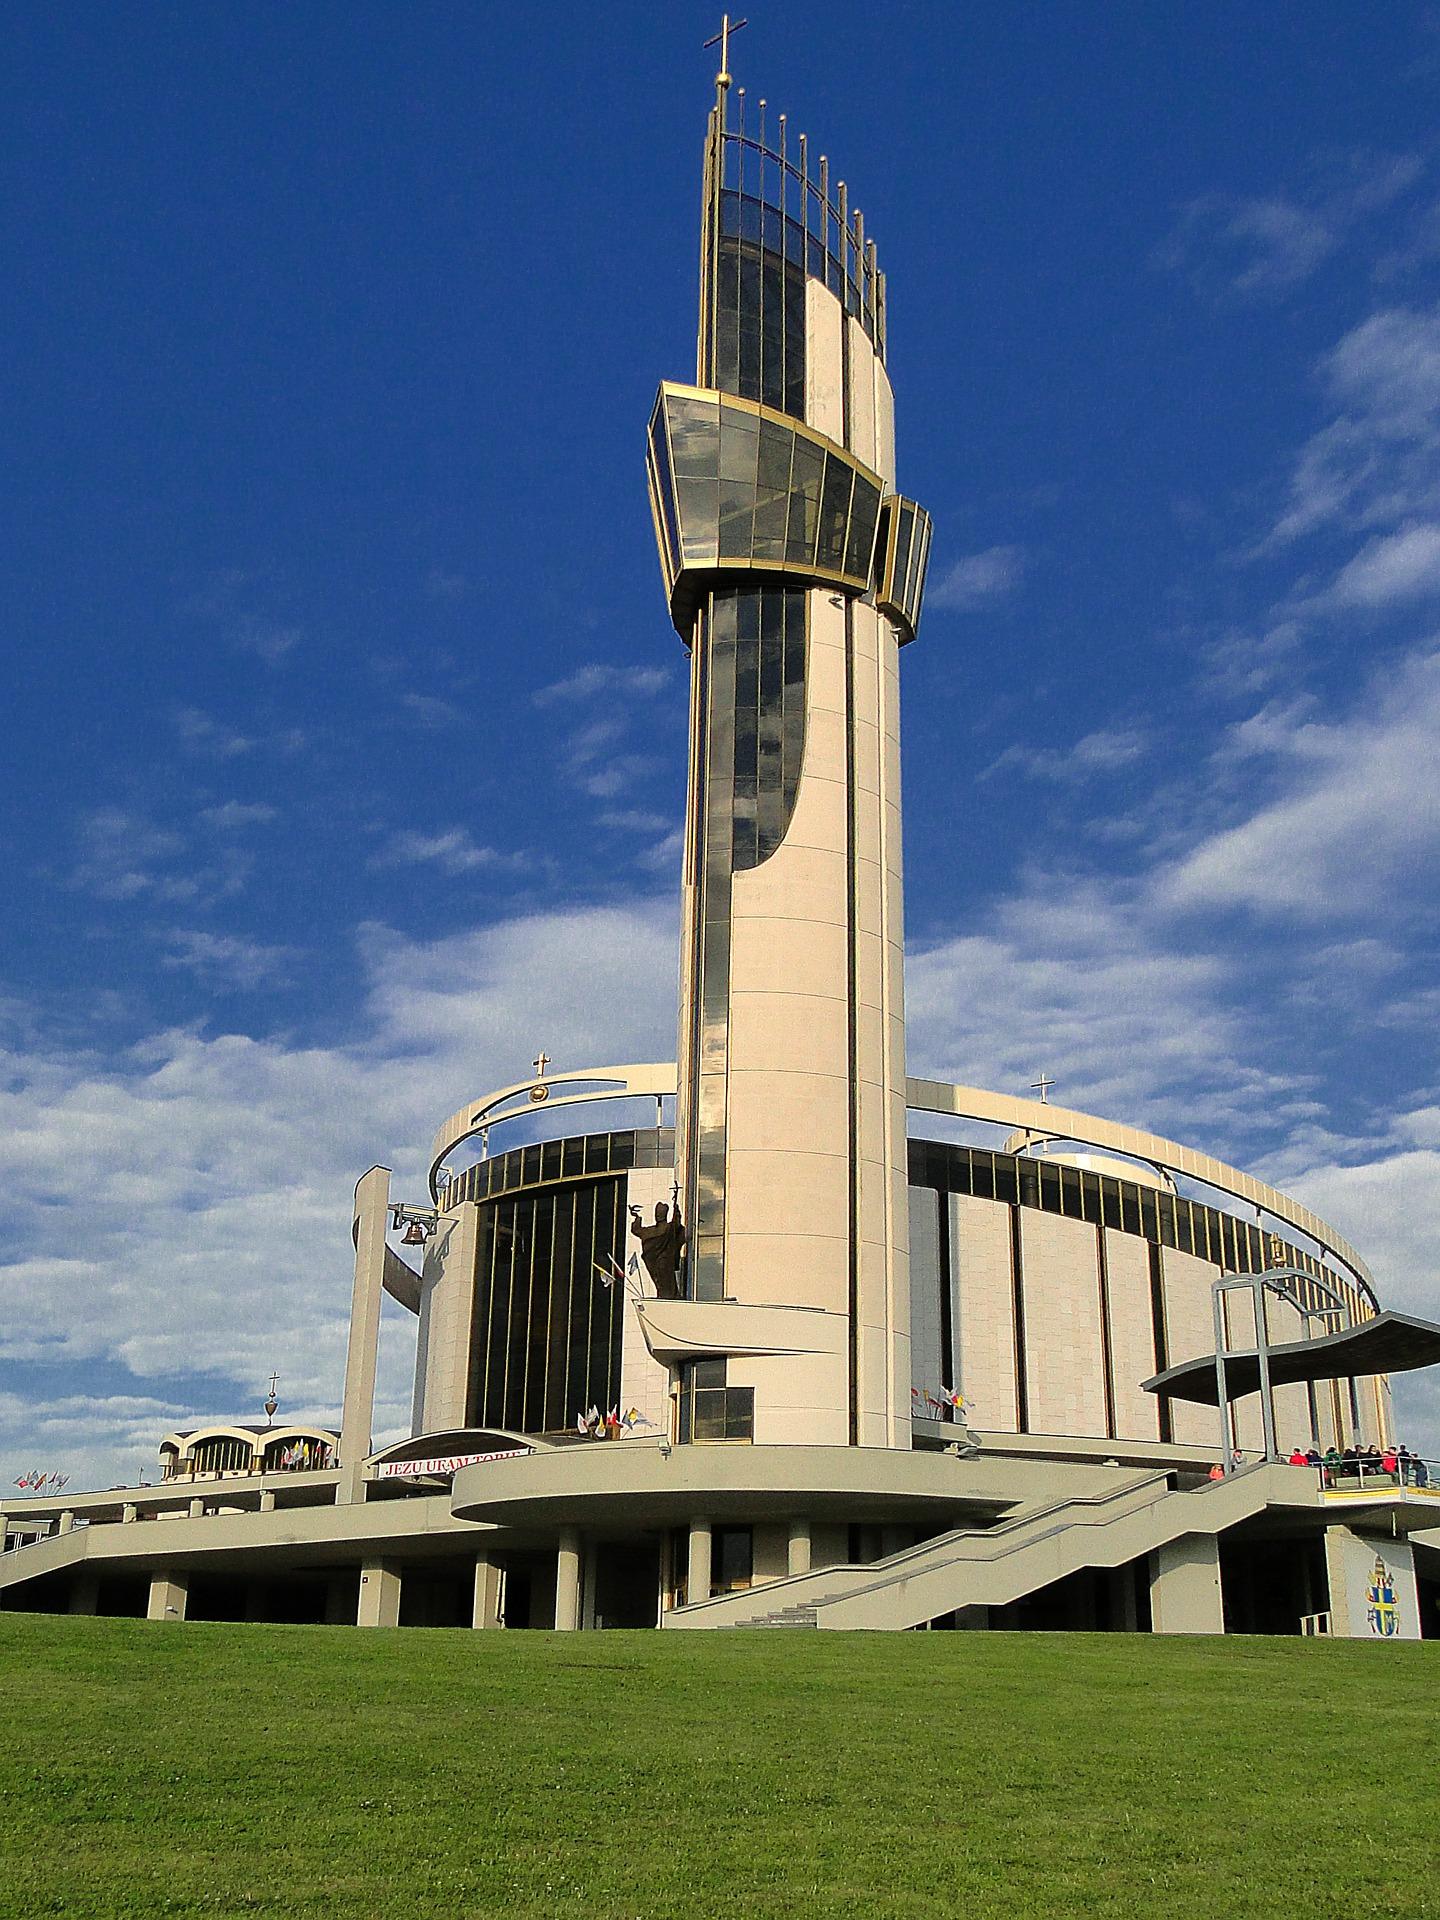 Sanktuarium Lagiewniki. Image by Dróżka from Pixabay